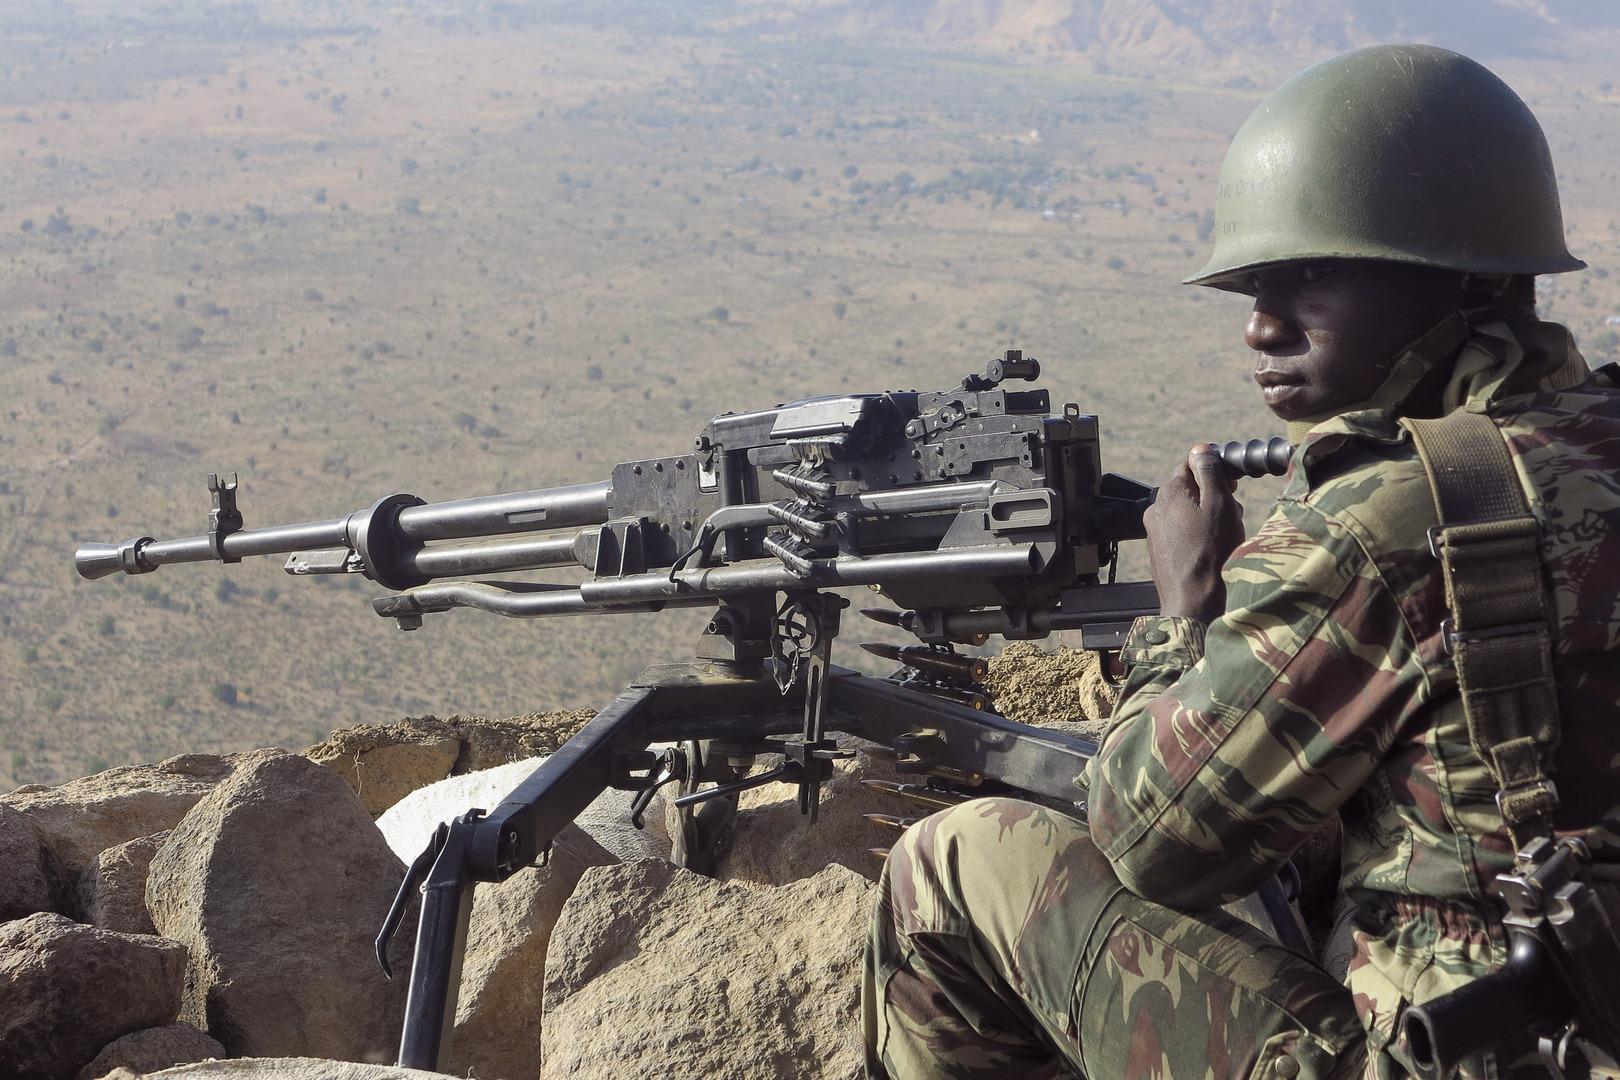 مقتل 6 عسكريين بهجوم لمسلحين متشددين في الكاميرون